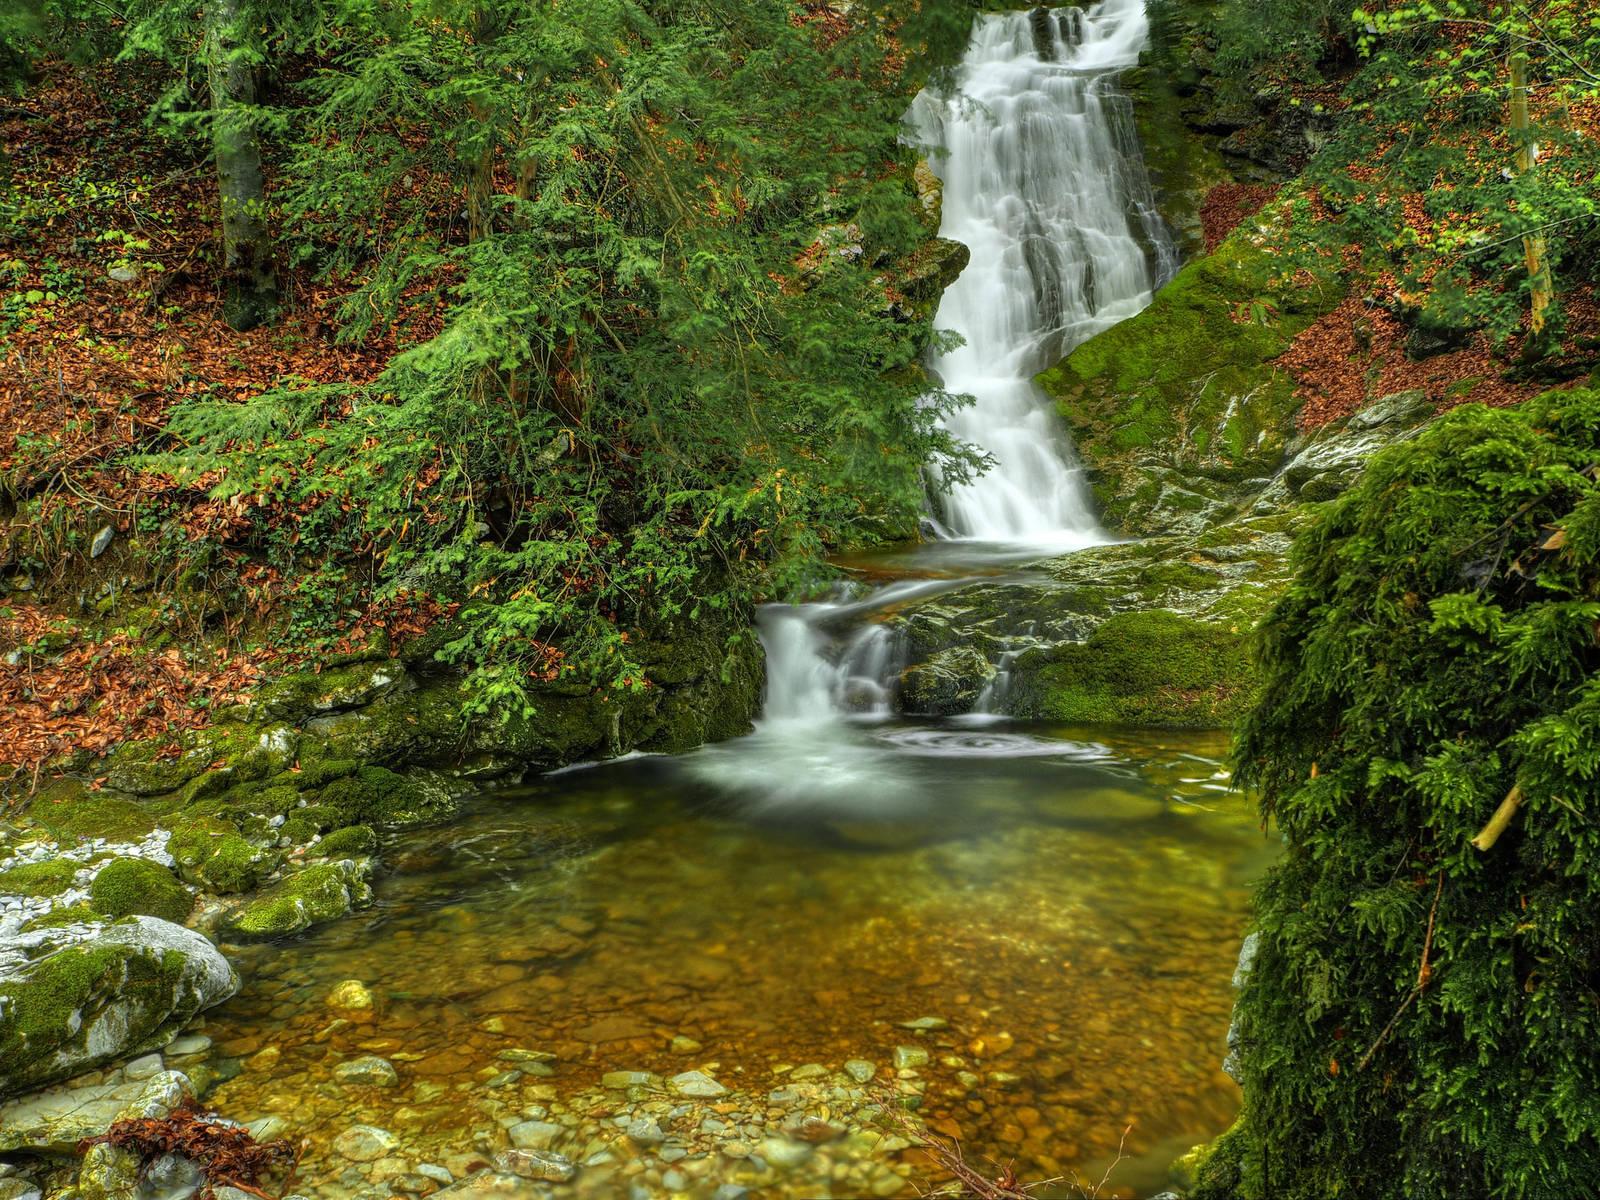 Hidden Water Background by Burtn